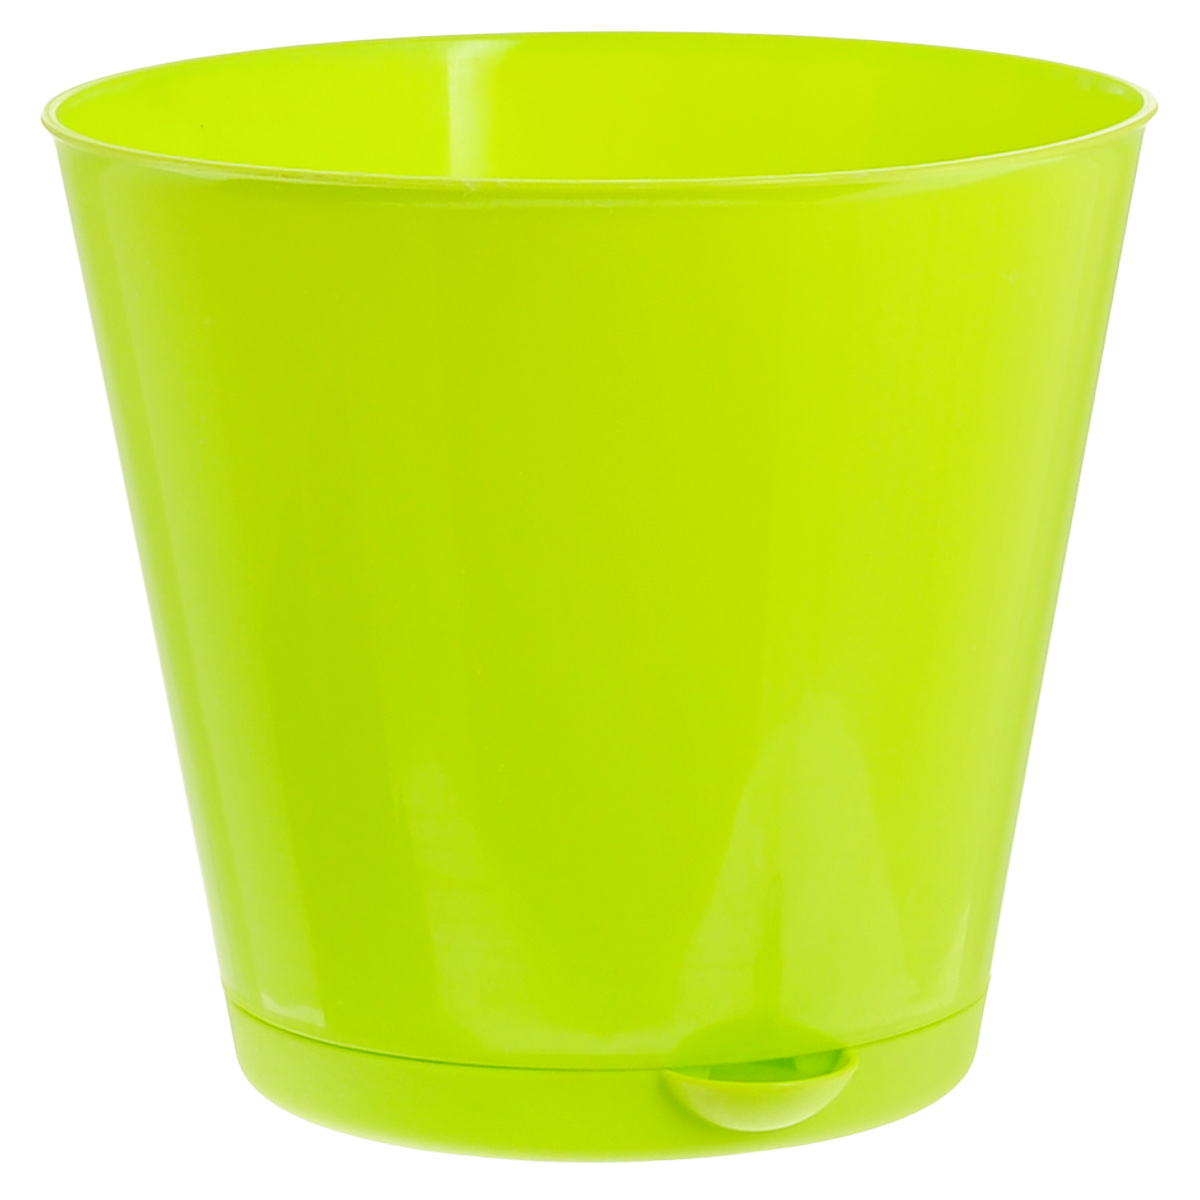 Горшок для цветов InGreen Крит, с системой прикорневого полива, цвет: салатовый, диаметр 16 смZ-0307Горшок InGreen Крит, выполненный из высококачественного полипропилена (пластика), предназначен для выращивания комнатных цветов, растений и трав. Специальная конструкция обеспечивает вентиляцию в корневой системе растения, а дренажные отверстия позволяют выходить лишней влаге из почвы. Крепежные отверстия и штыри прочно крепят подставку к горшку. Прикорневой полив растения осуществляется через удобный носик. Система прикорневого полива позволяет оставлять комнатное растение без внимания тем, кто часто находится в командировках или собирается в отпуск и не имеет возможности вовремя поливать цветы.Такой горшок порадует вас современным дизайном и функциональностью, а также оригинально украсит интерьер любого помещения. Объем горшка: 1,8 л.Диаметр горшка (по верхнему краю): 16 см.Высота горшка: 14,7 см.